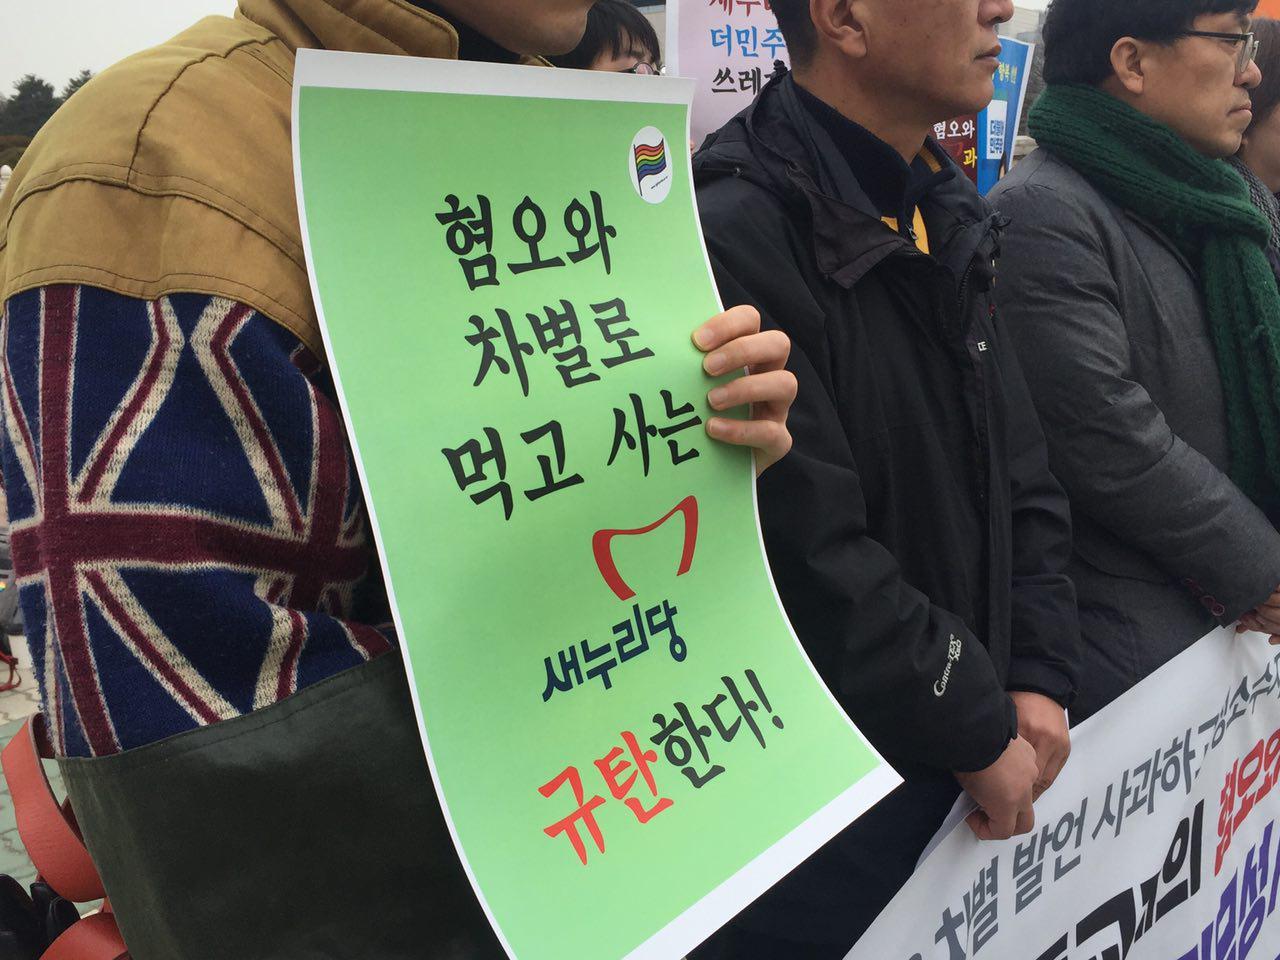 3일 오전 서울 여의도 국회 앞에서 성소수자차별반대 무지개행동을 비롯한 인권시민사회단체가 성소수자 혐오, 차별에 동조하는 새누리당 김무성 대표와 더불어민주당 박영선 비대위원을 규탄하는 기자회견을 하고 있다